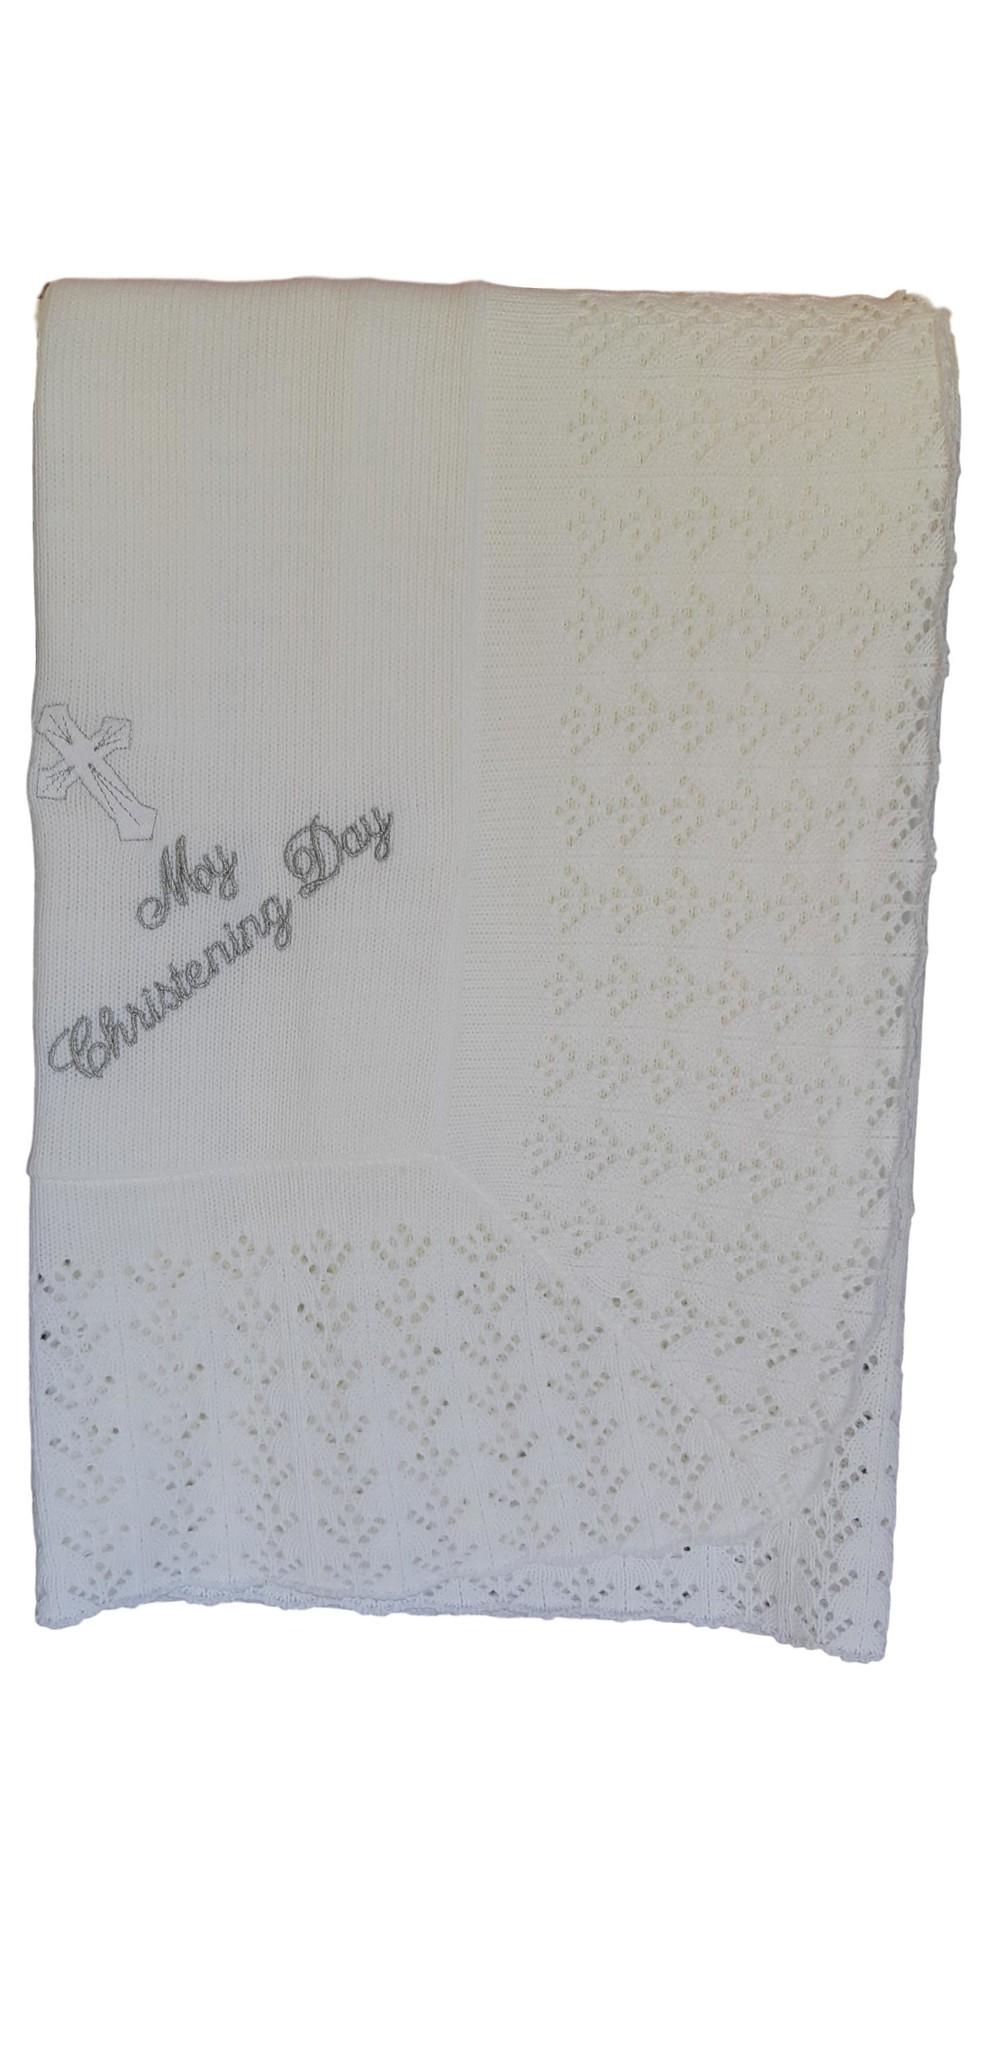 Doopkleed wit met zilverdraad geborduurde tekst